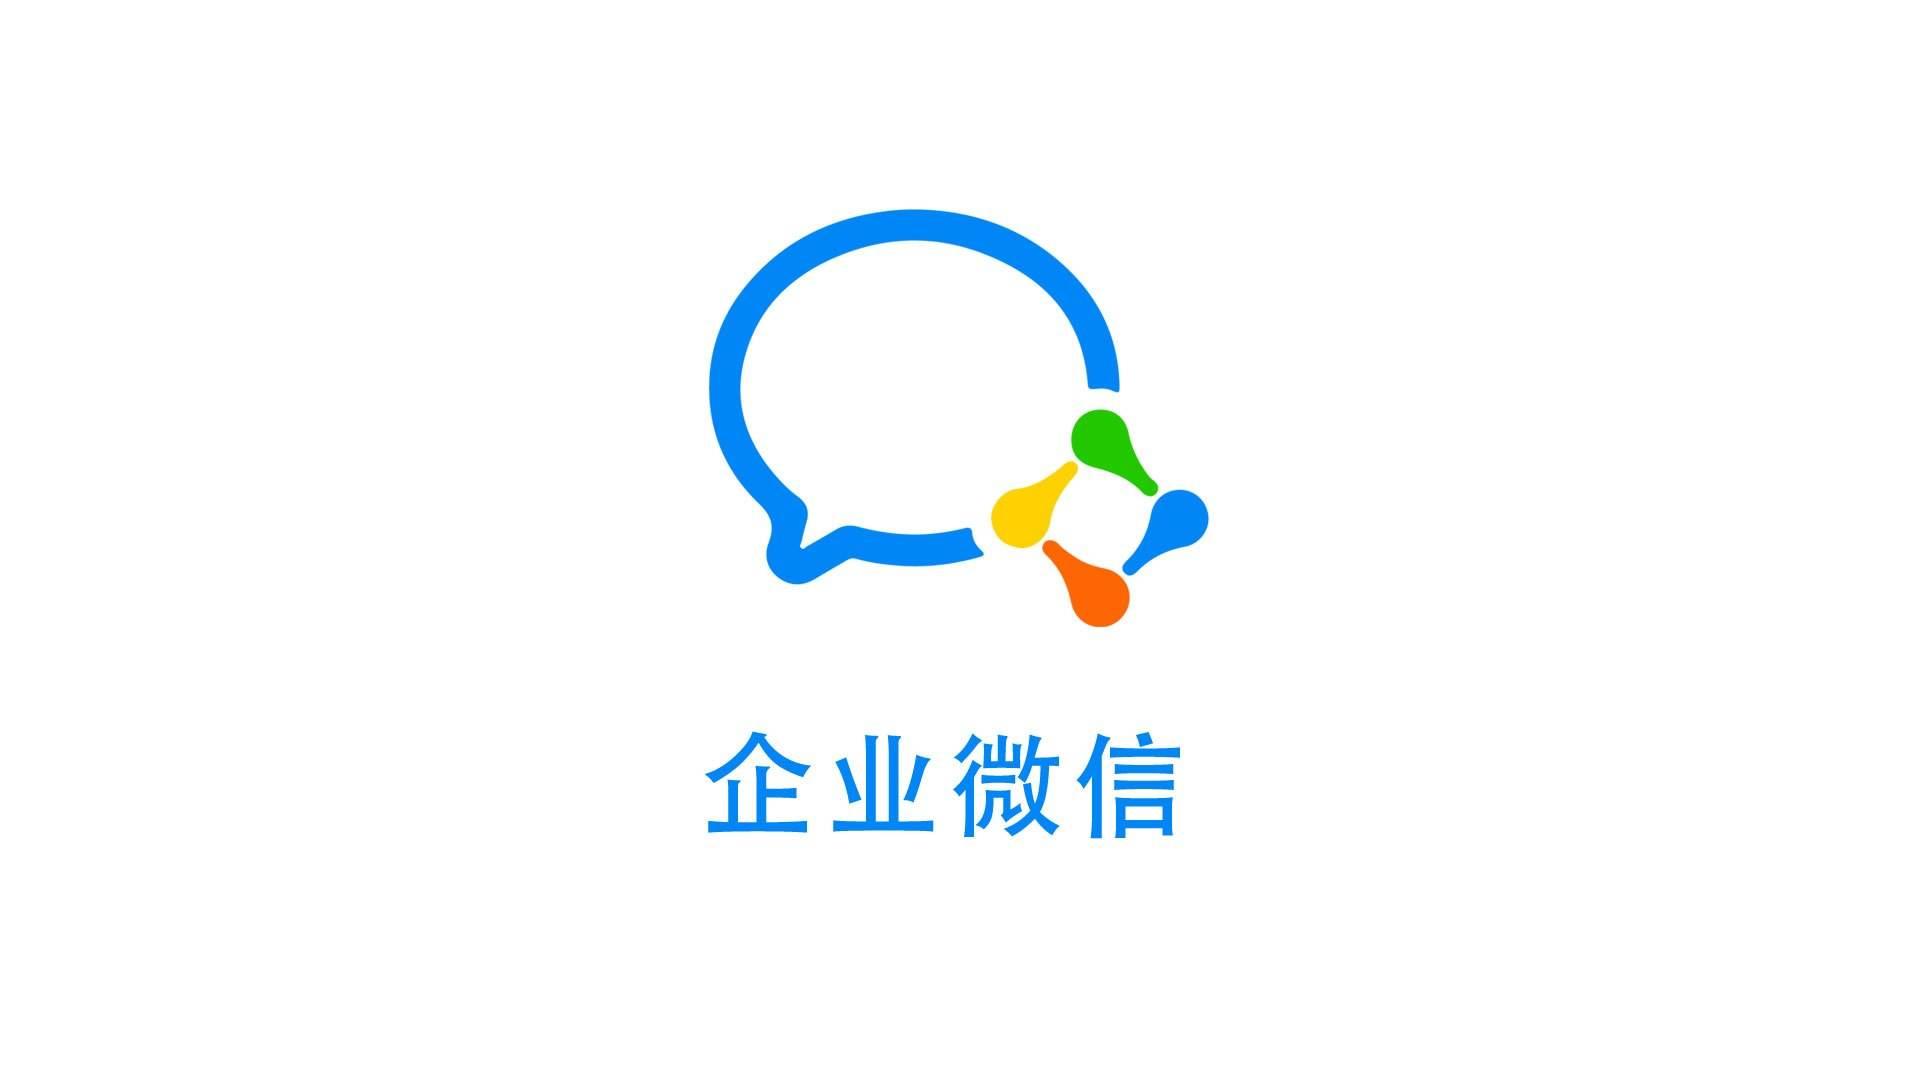 企业微信通讯录成员信息的每个字段的字数上限是多少?